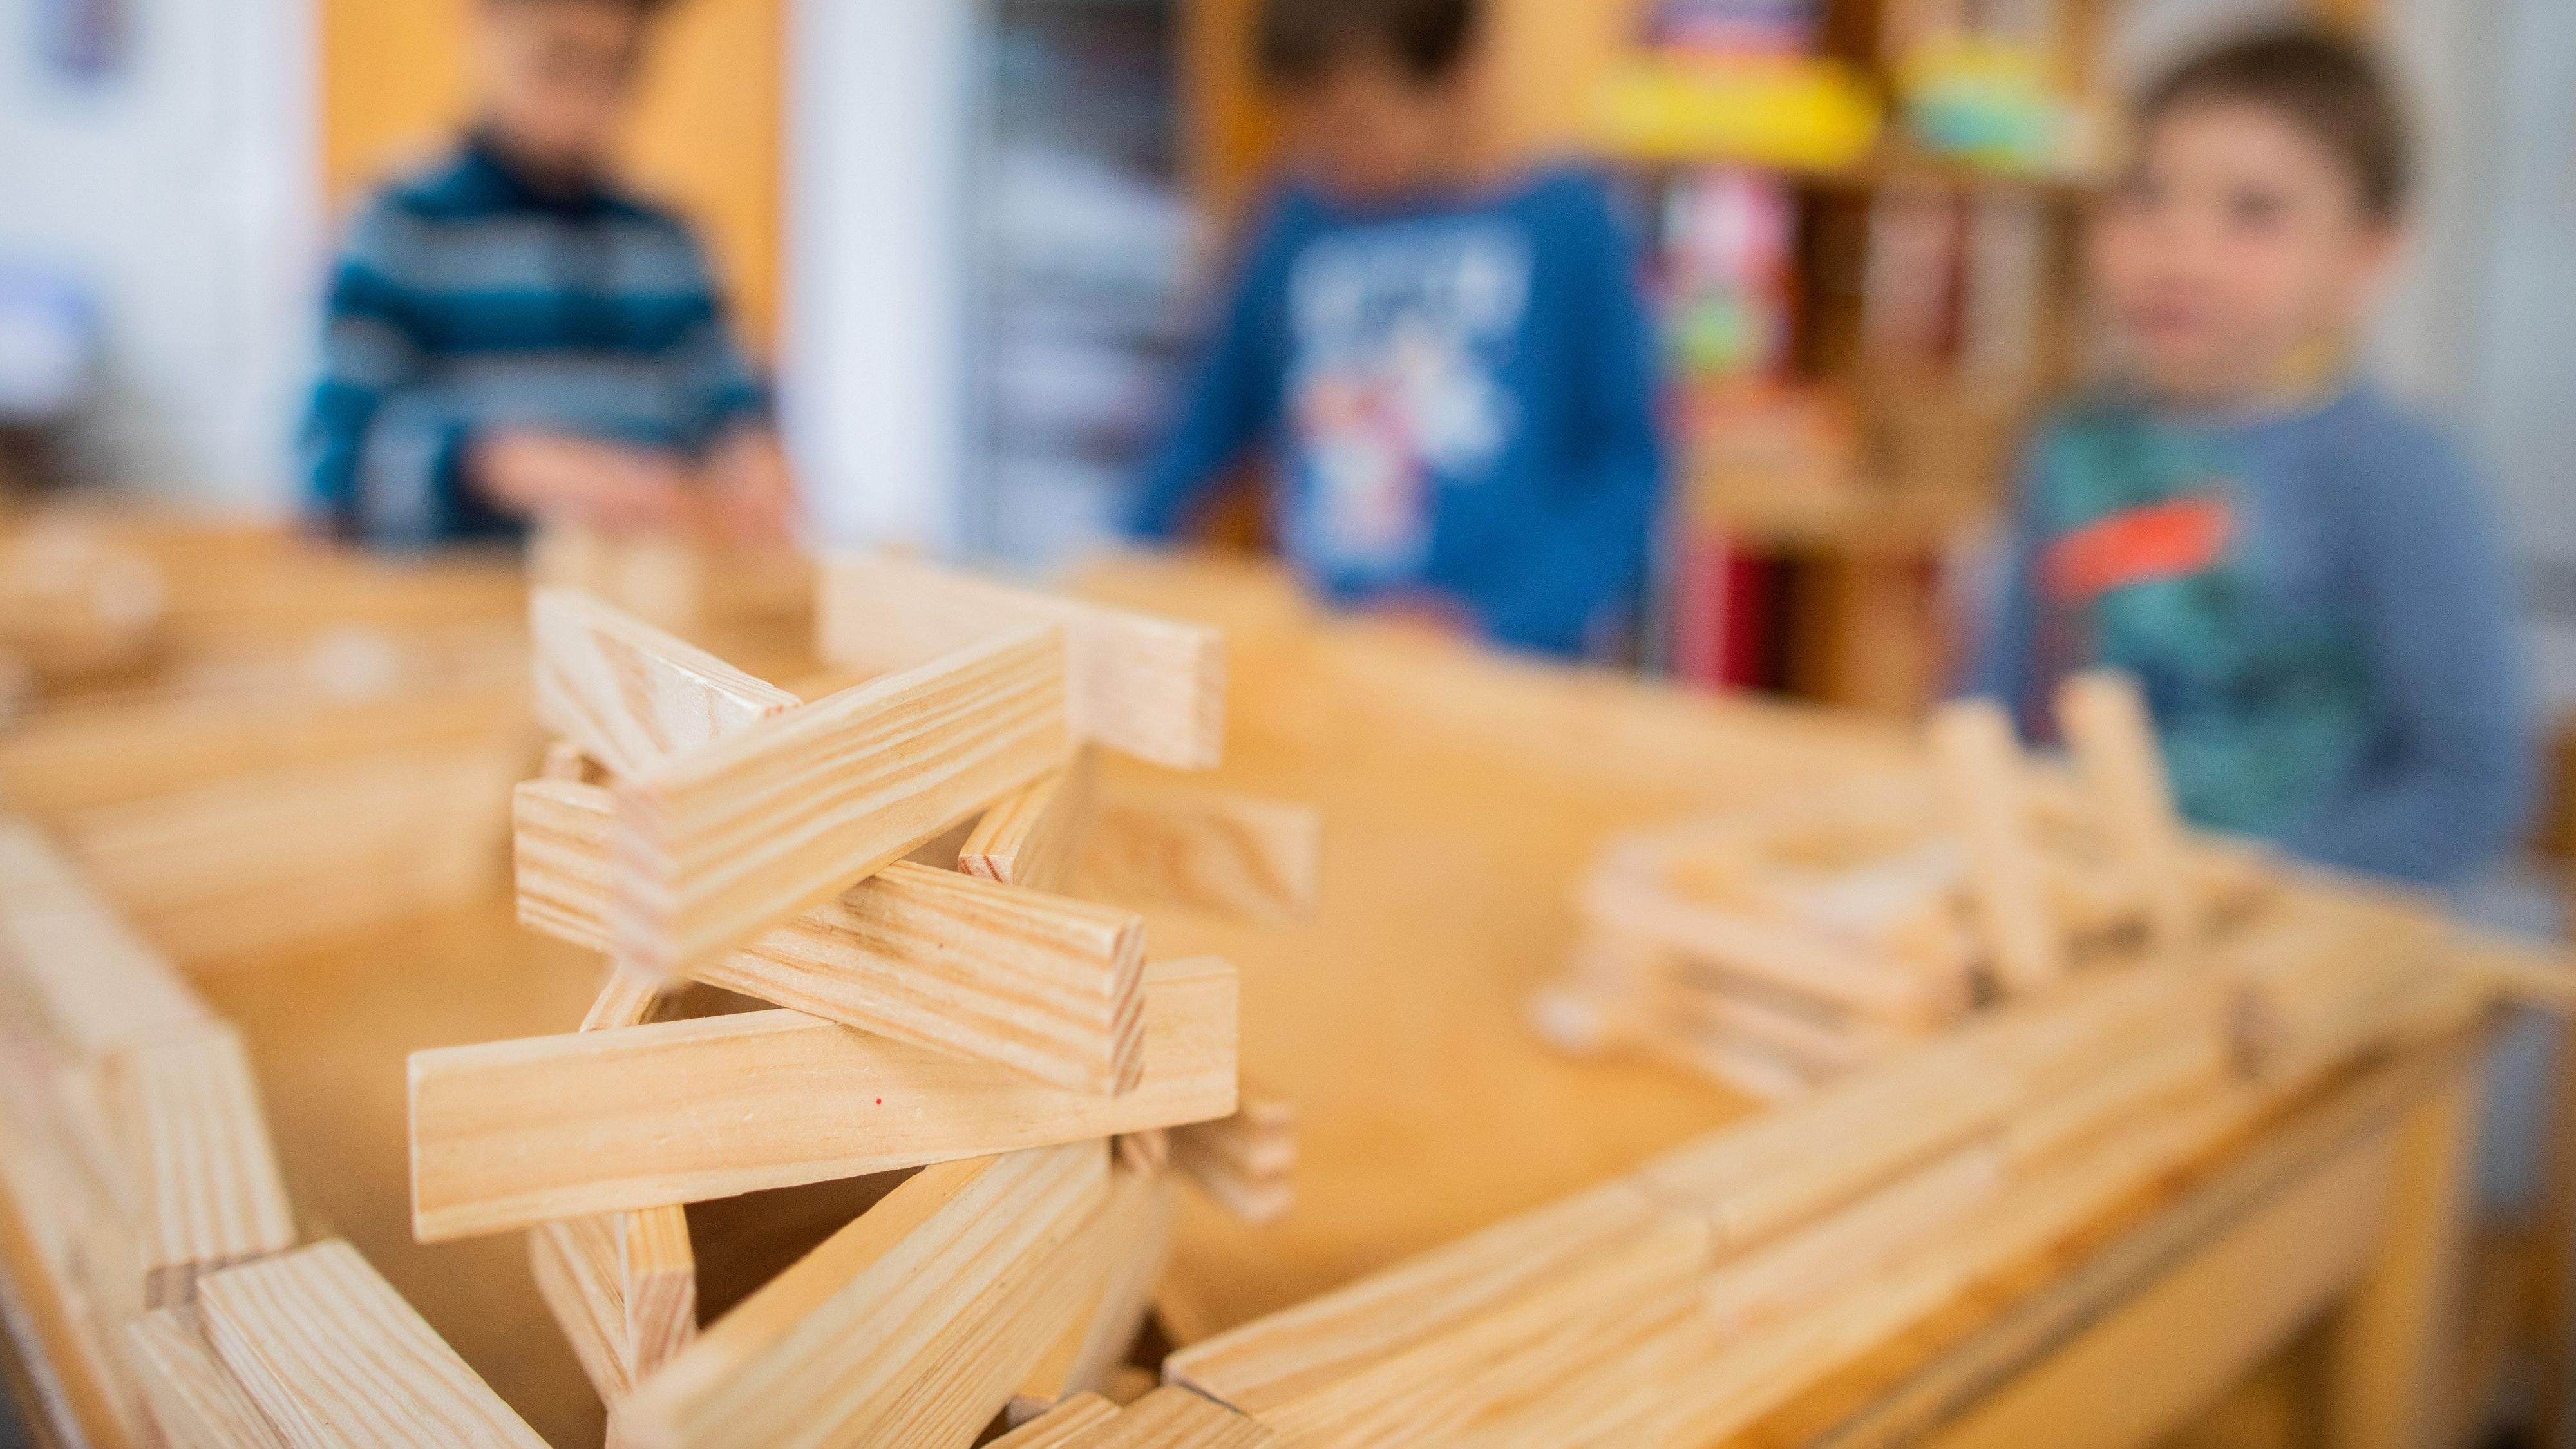 Im Zweifel wird angebaut: In Visbek gibt es nach Angaben der Verwaltung derzeit genug Betreuungsplätze für Kinder. Falls es eng werden sollte, können die beiden neuen Kindergärten erweitert werden. Foto: dpa/Vennenbernd